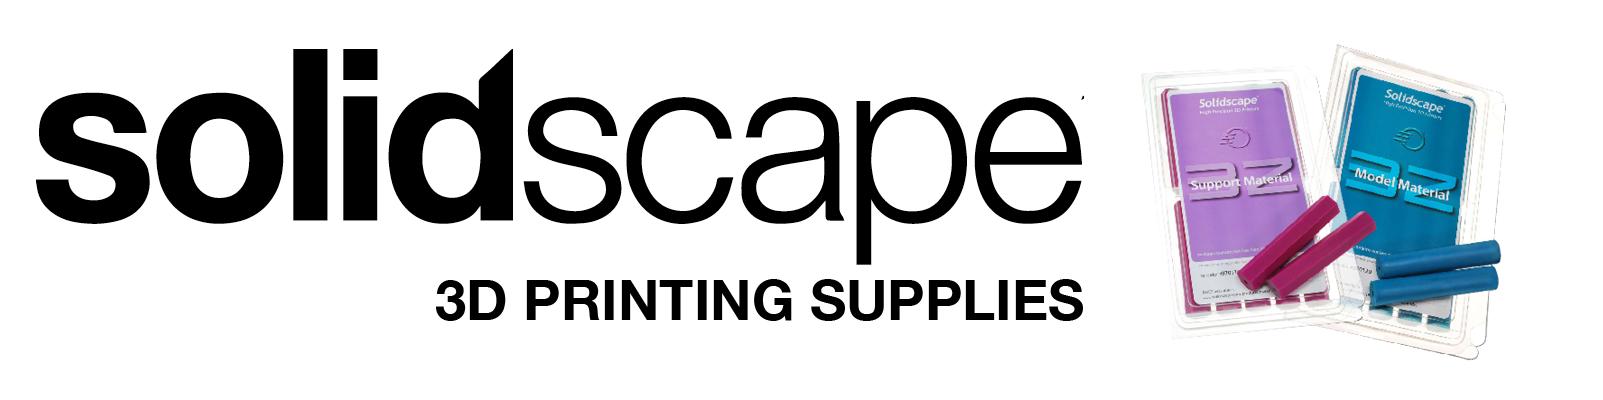 Solidscape Printer Supplies